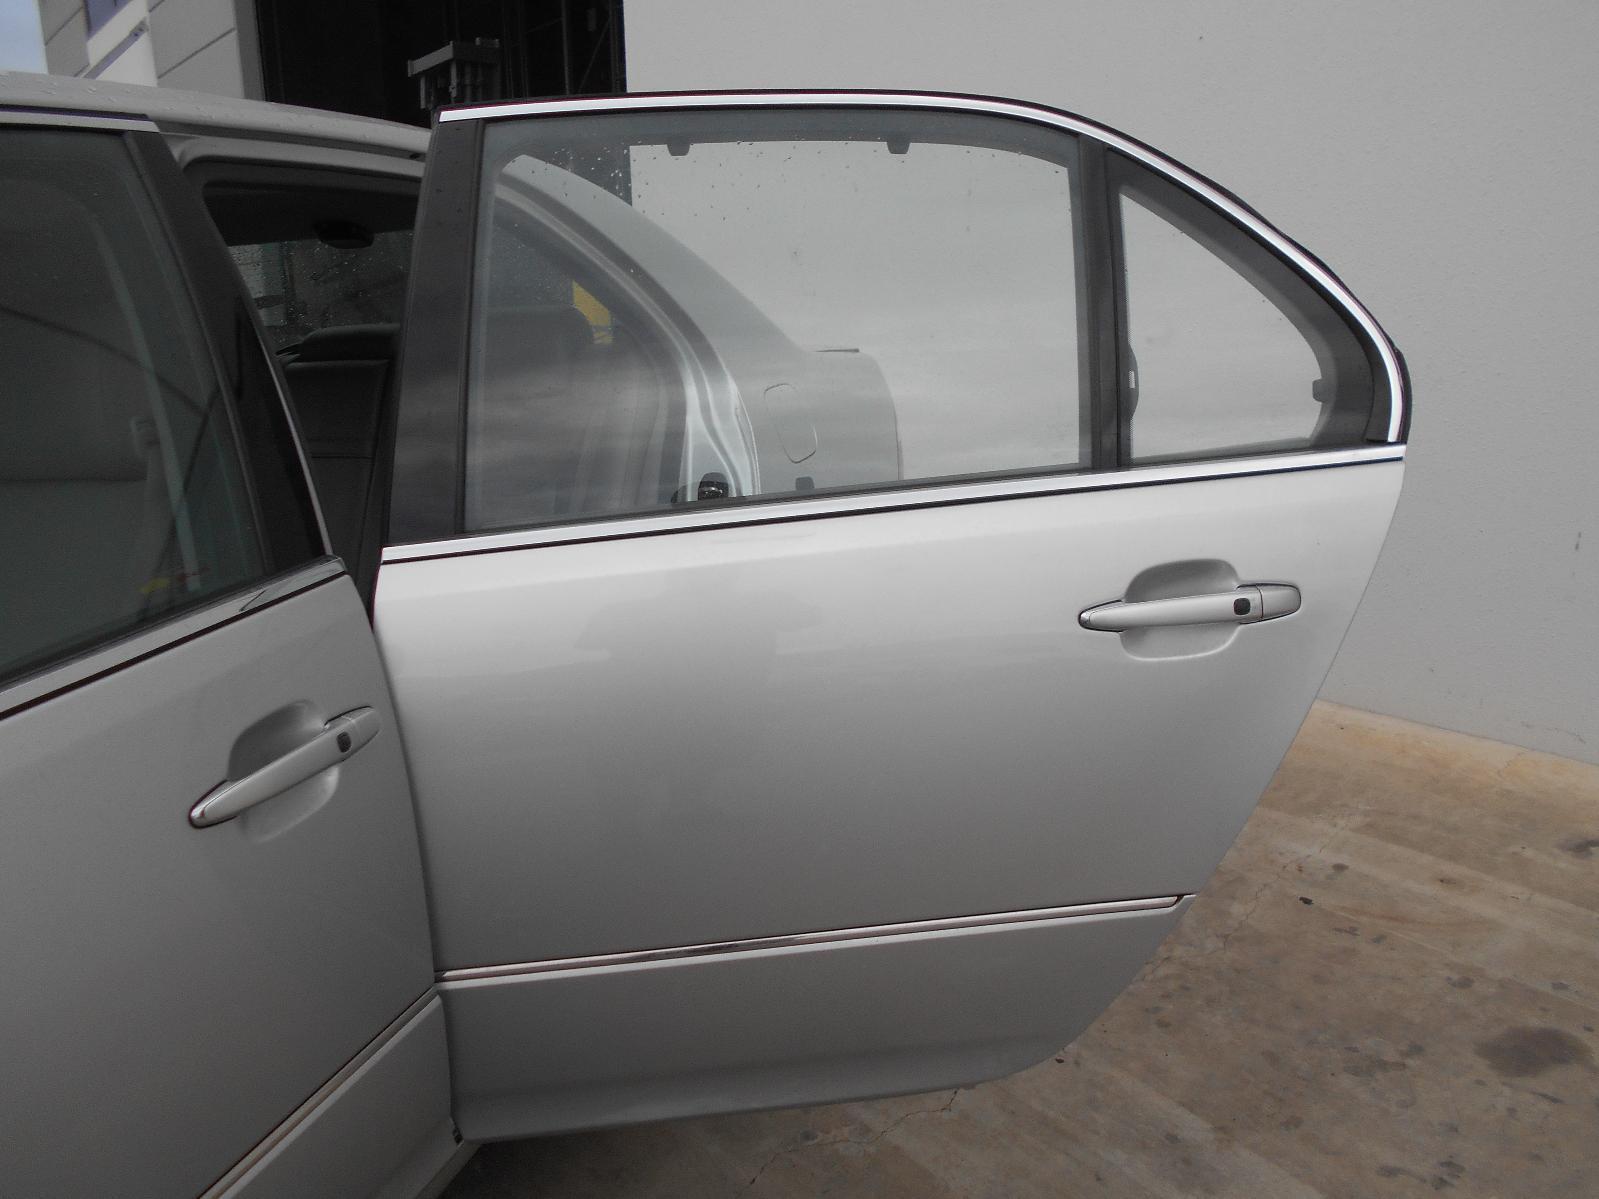 LEXUS LS430, Left Rear Door/Sliding, UCF30R, 12/00-03/07